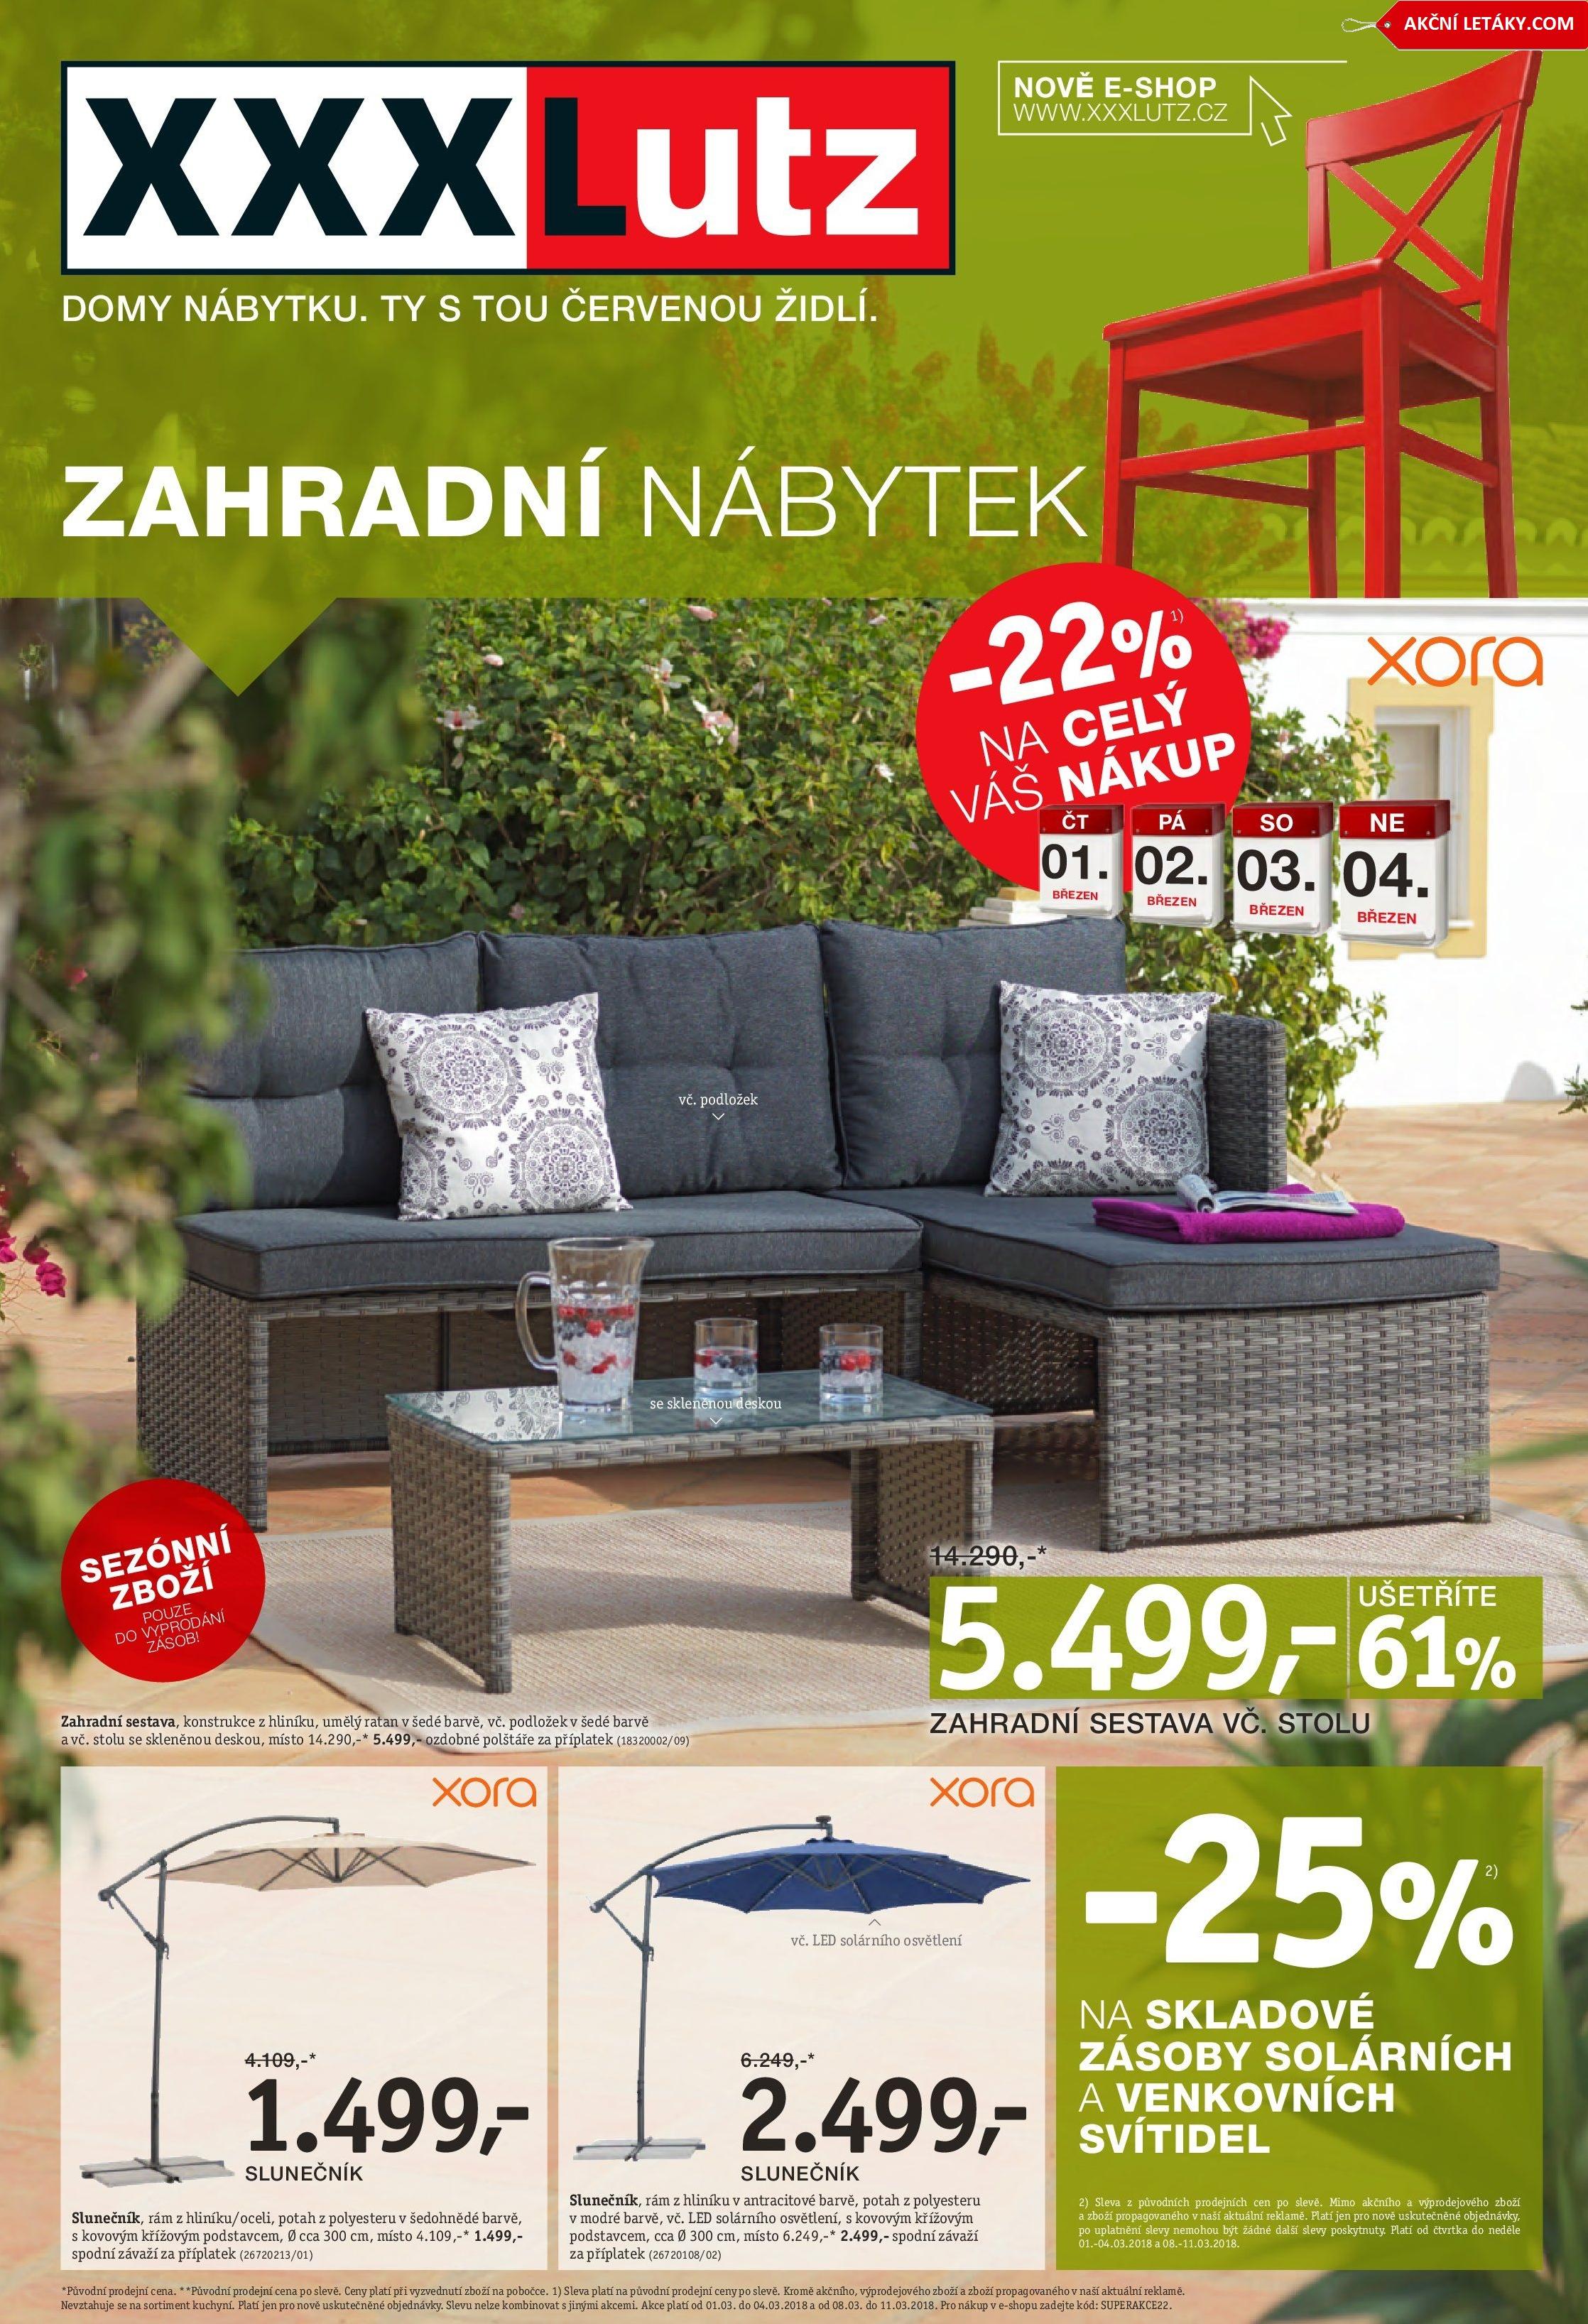 sofas xxl lutz